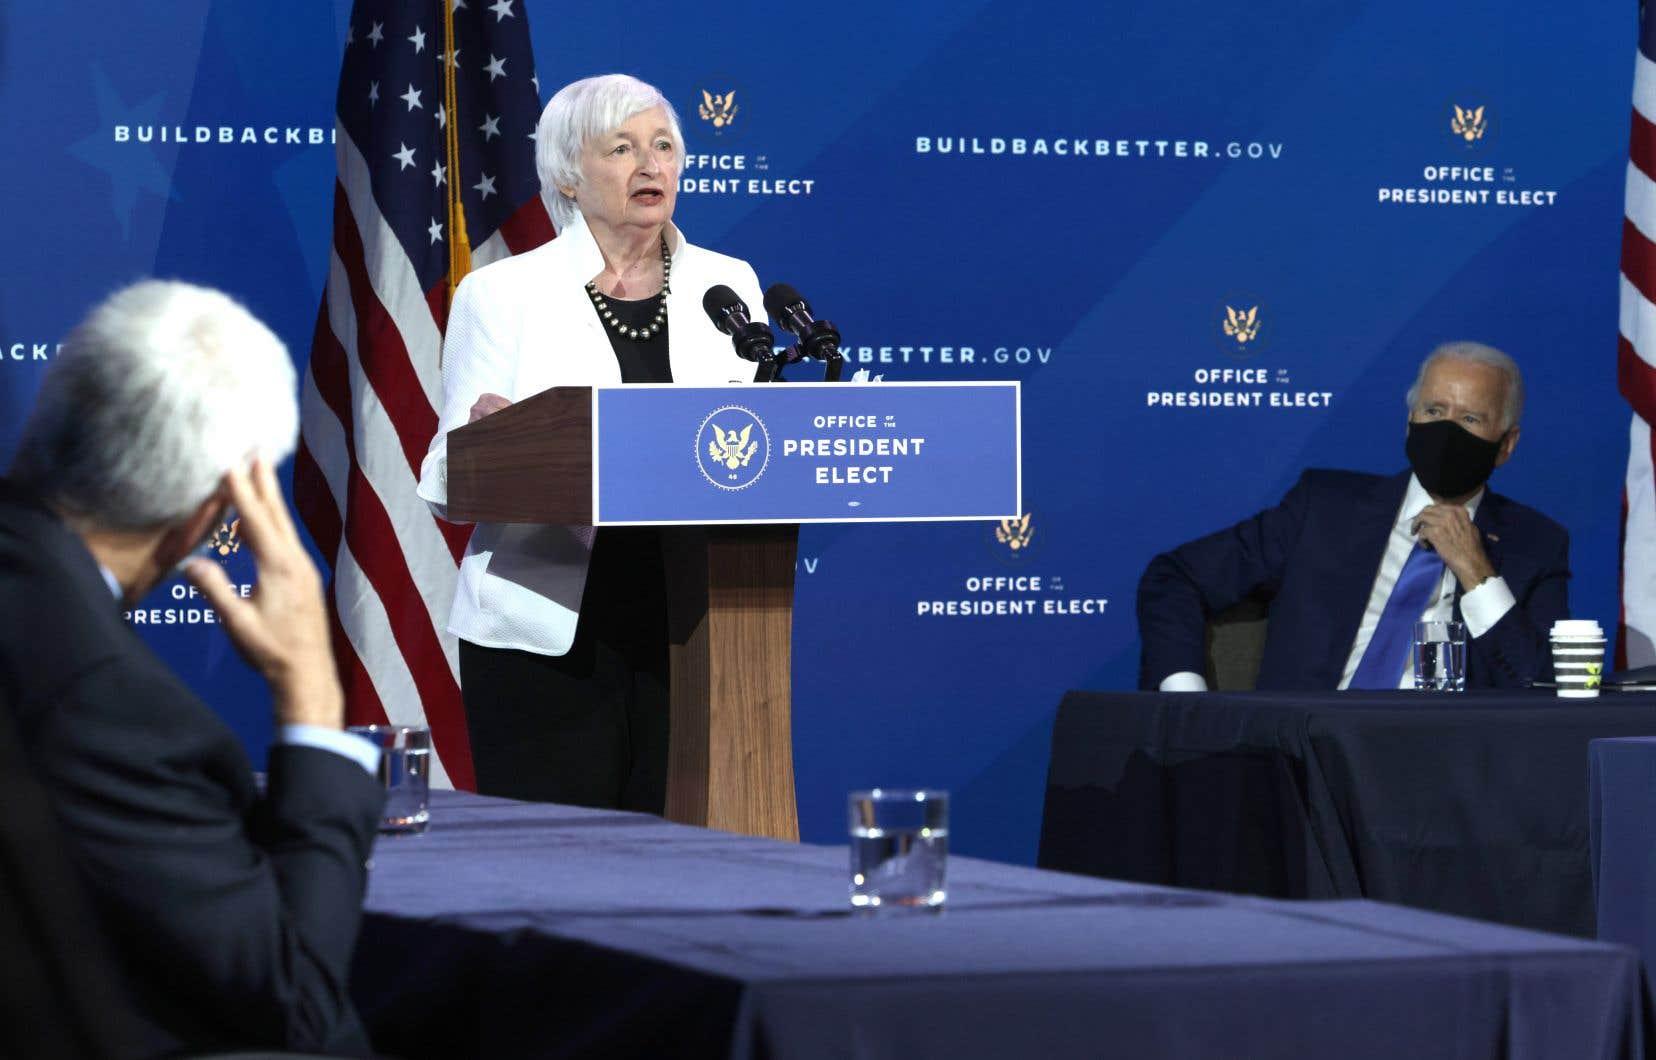 L'ancienne présidente de la Fed, Janet Yellen, sera la première femme à occuper la fonction de secrétaire au Trésor aux États-Unis.